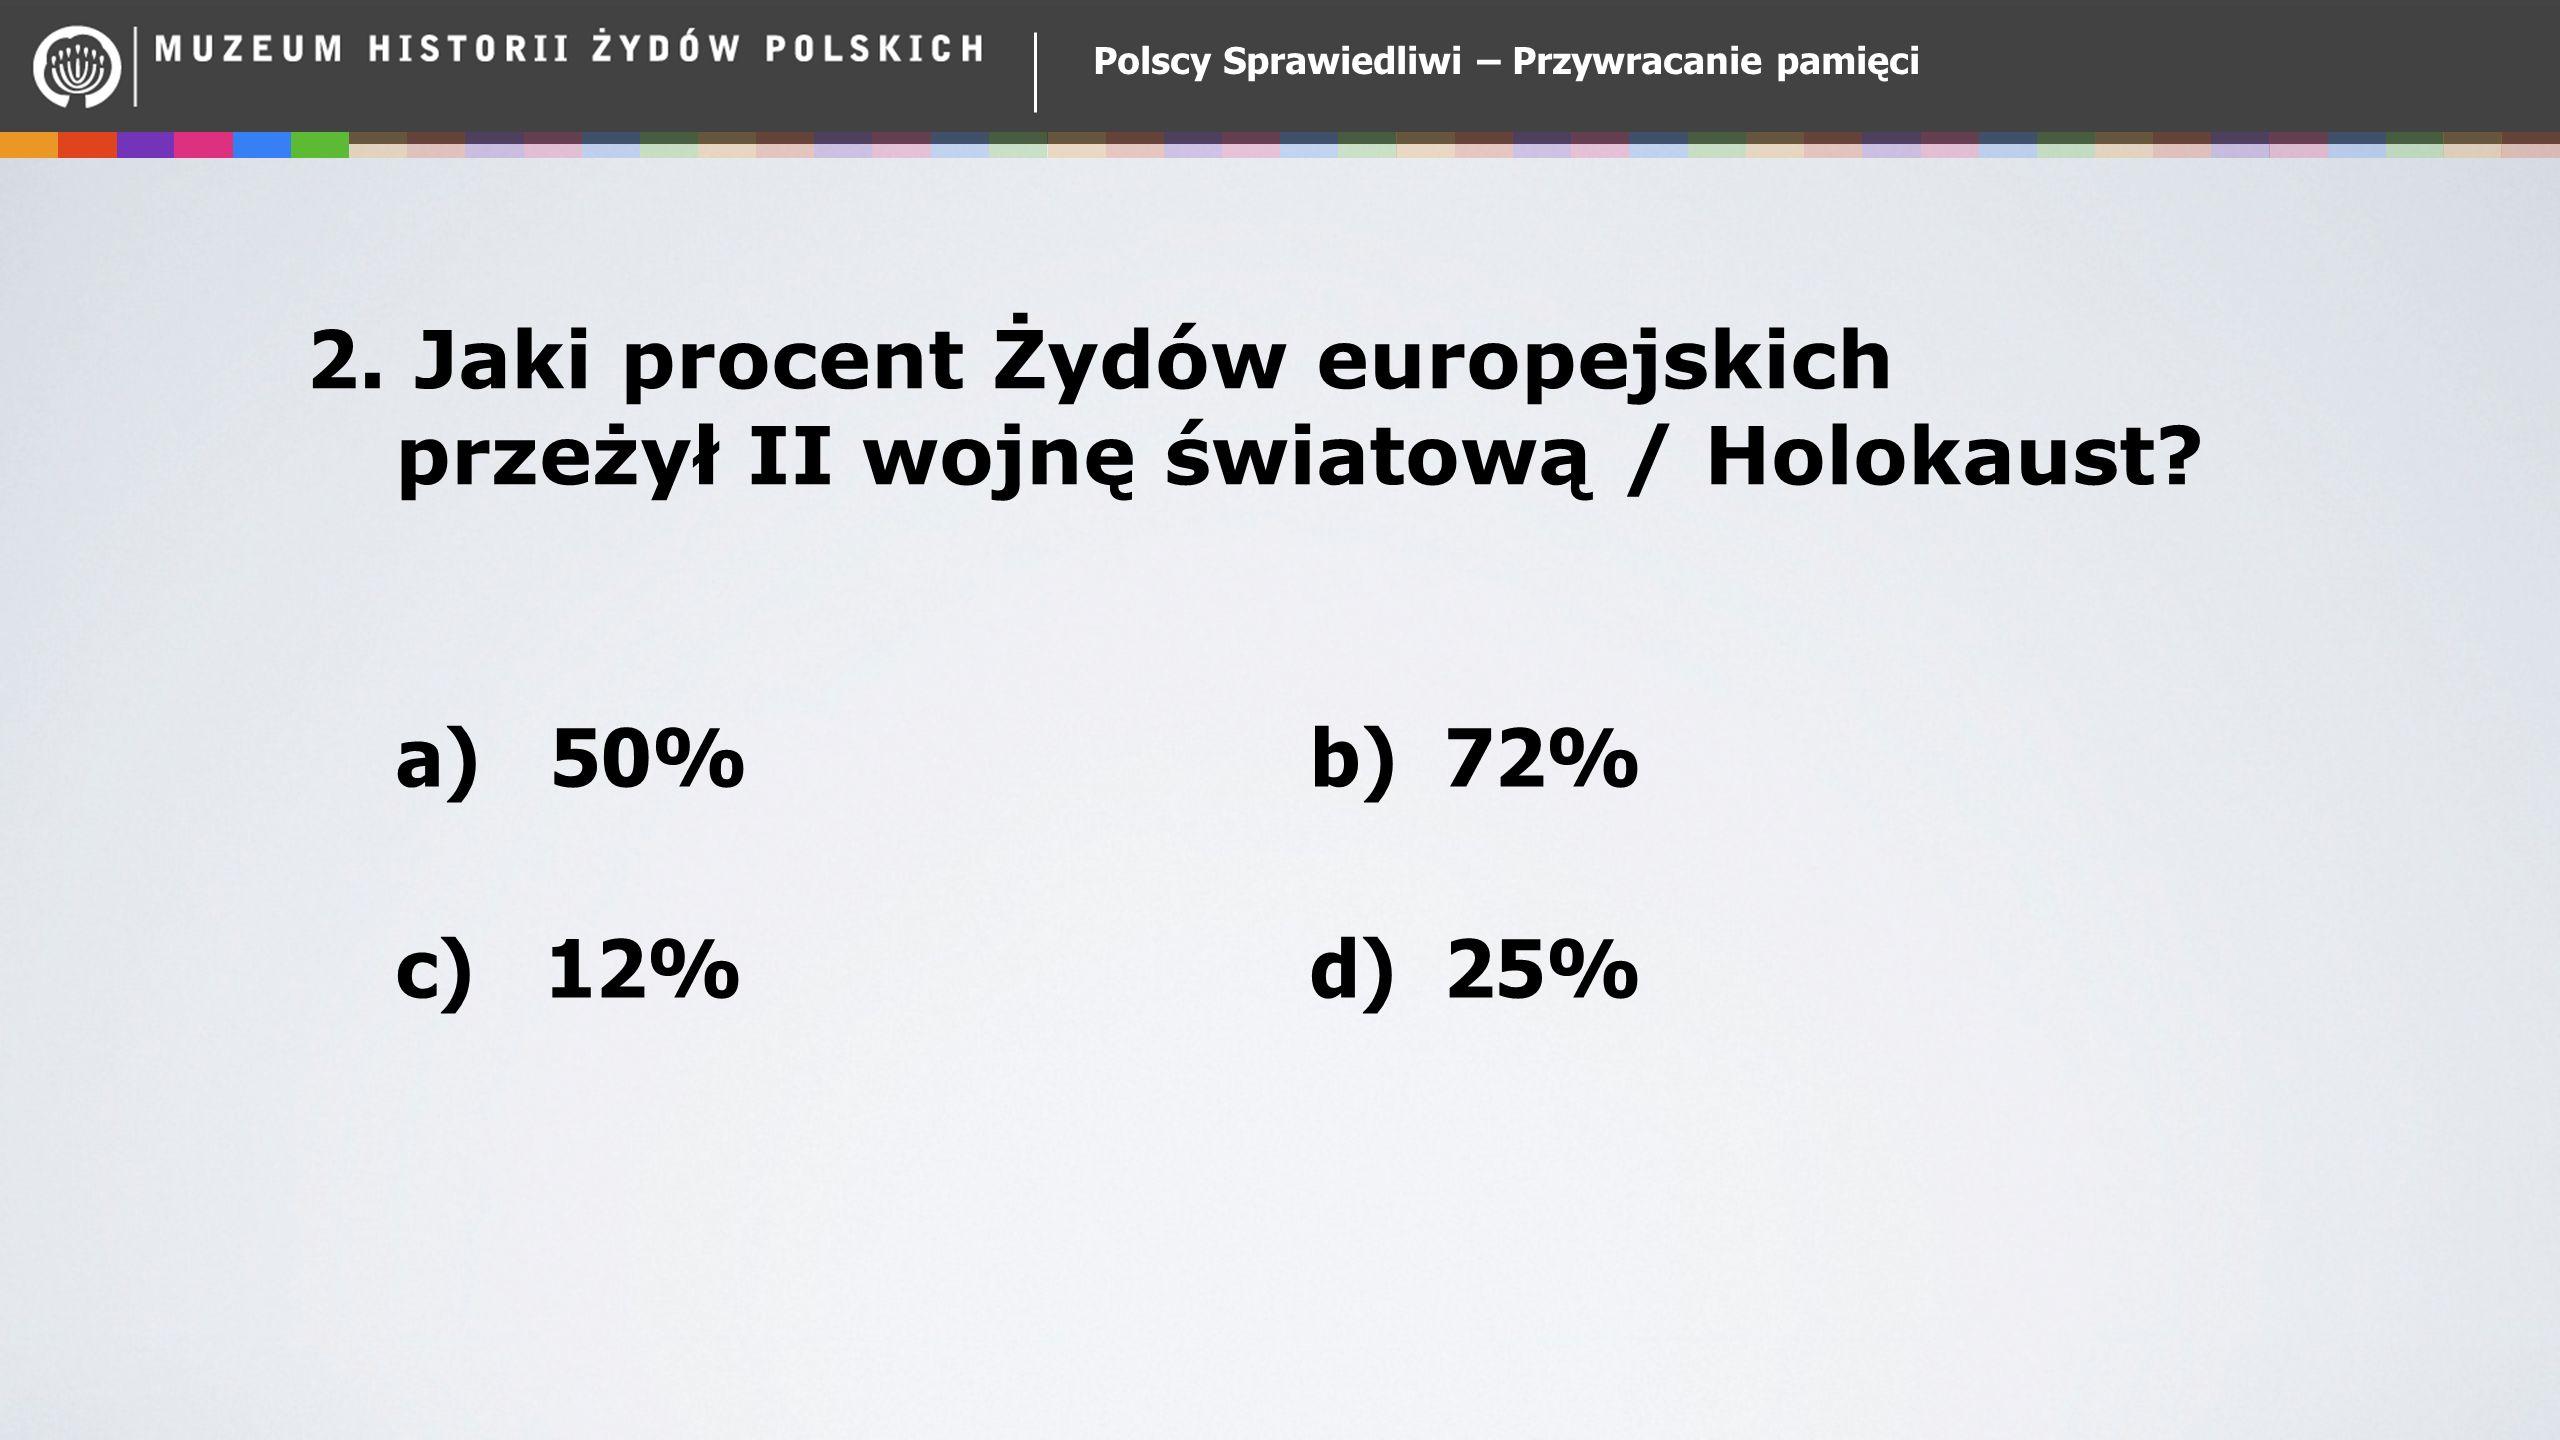 Polscy Sprawiedliwi – Przywracanie pamięci (przy porównywaniu tych liczb należy pamiętać o różnicach w liczbie osób żydowskiego pochodzenia przebywających w różnych krajach oraz różny wymiar kar w okupowanej Europie za pomaganie Żydom) Polska 6 195 osób Holandia 5 009 osób Francja 3 158 osób Statystyki wg krajów (2010)